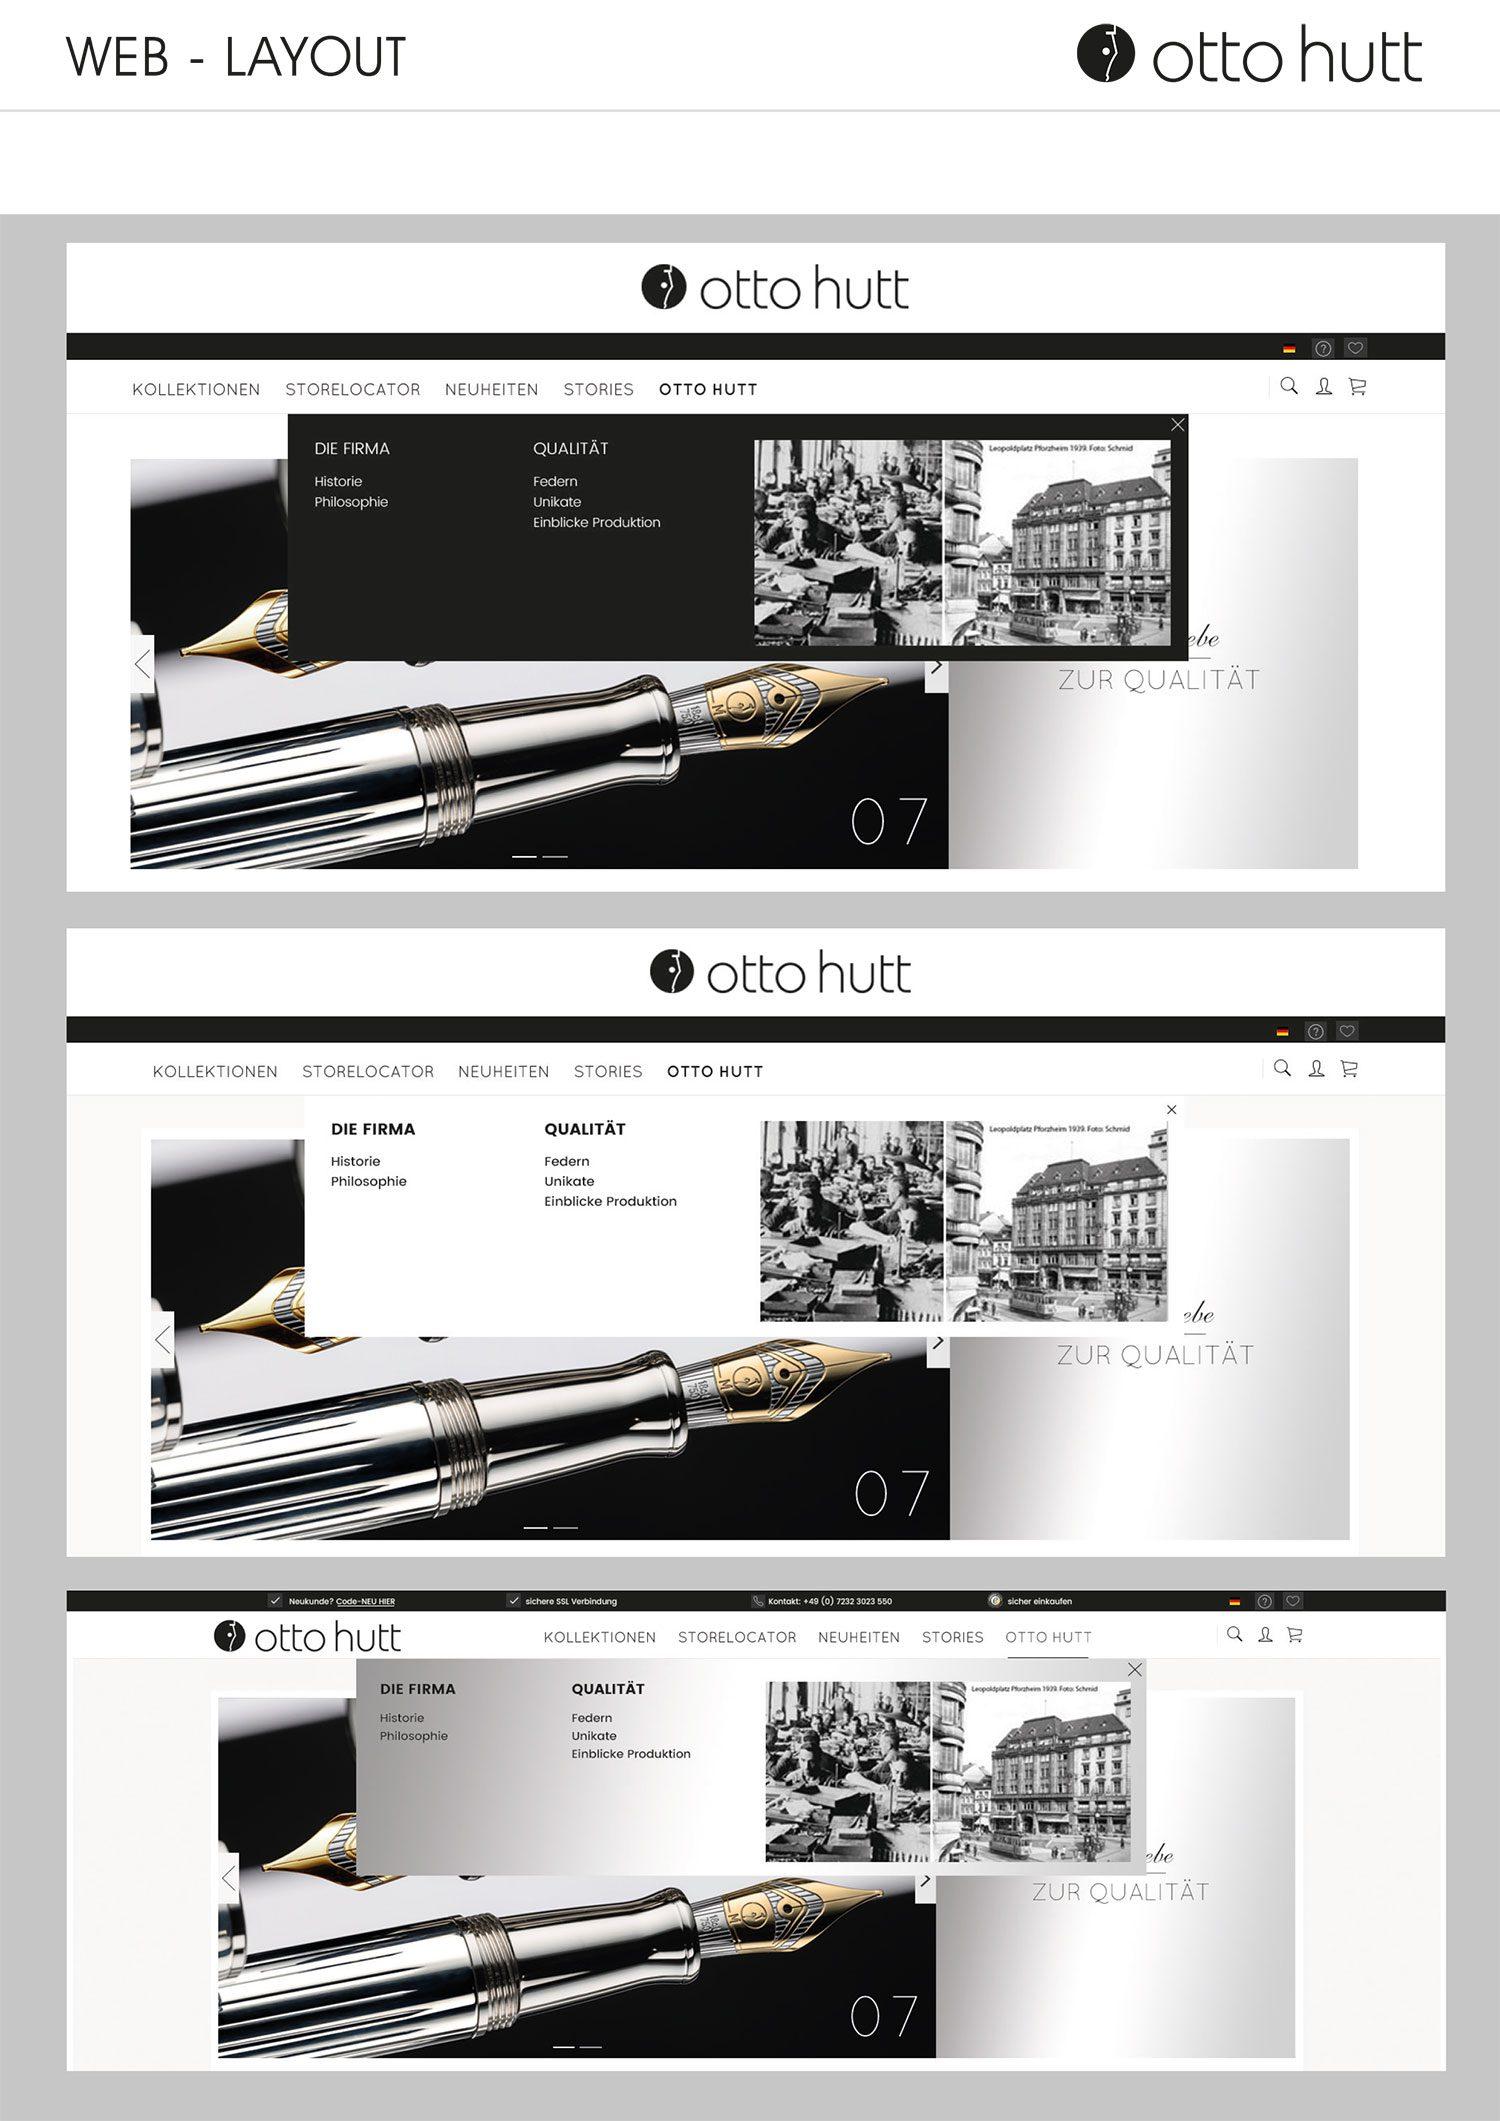 webshop-shopware-pforzheim-ottohutt1